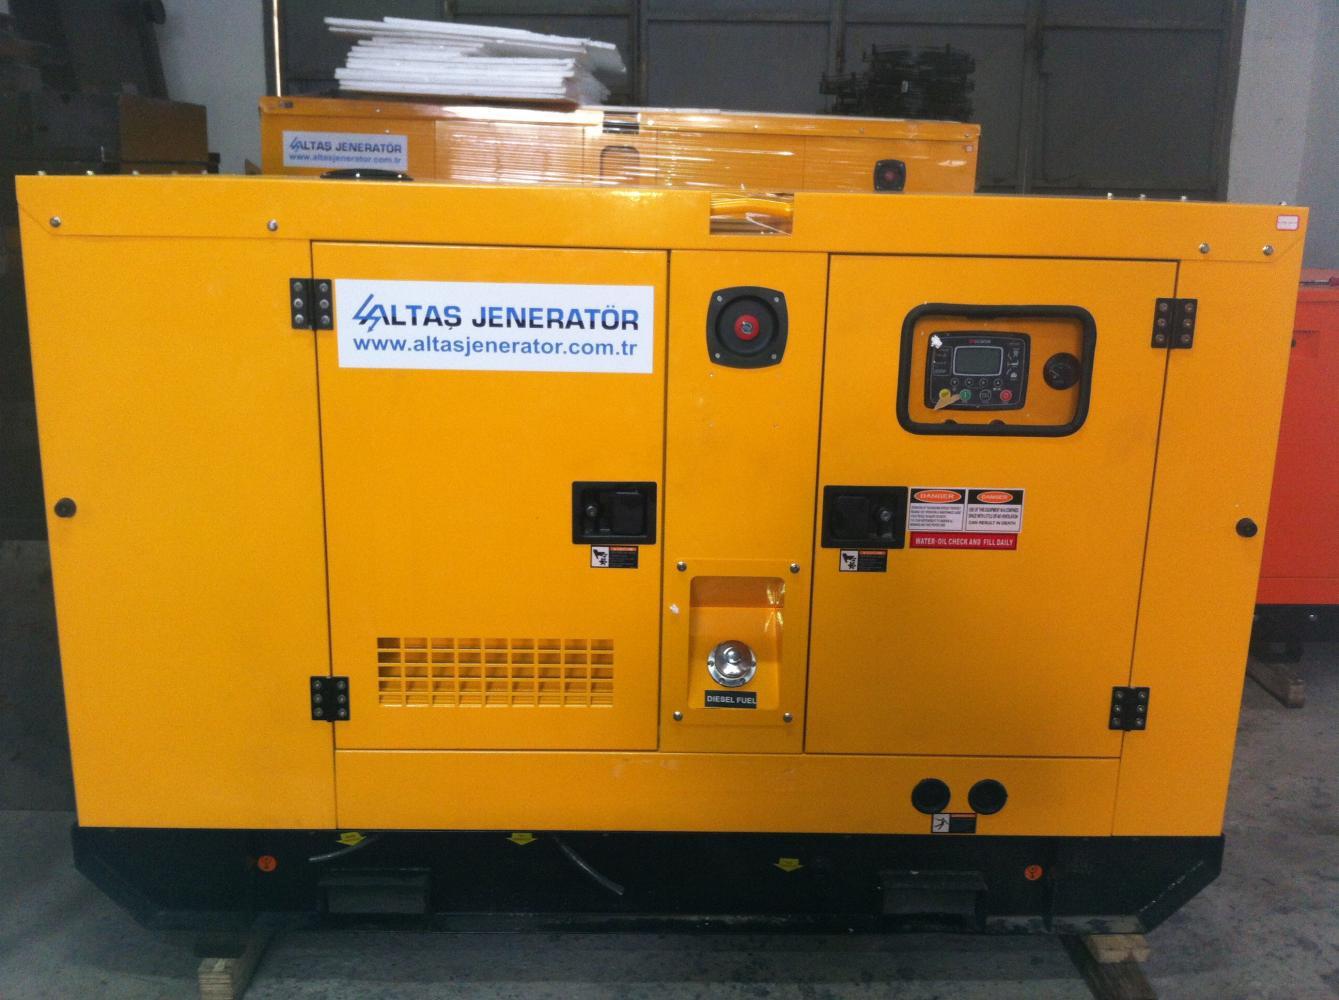 AJ-R 225